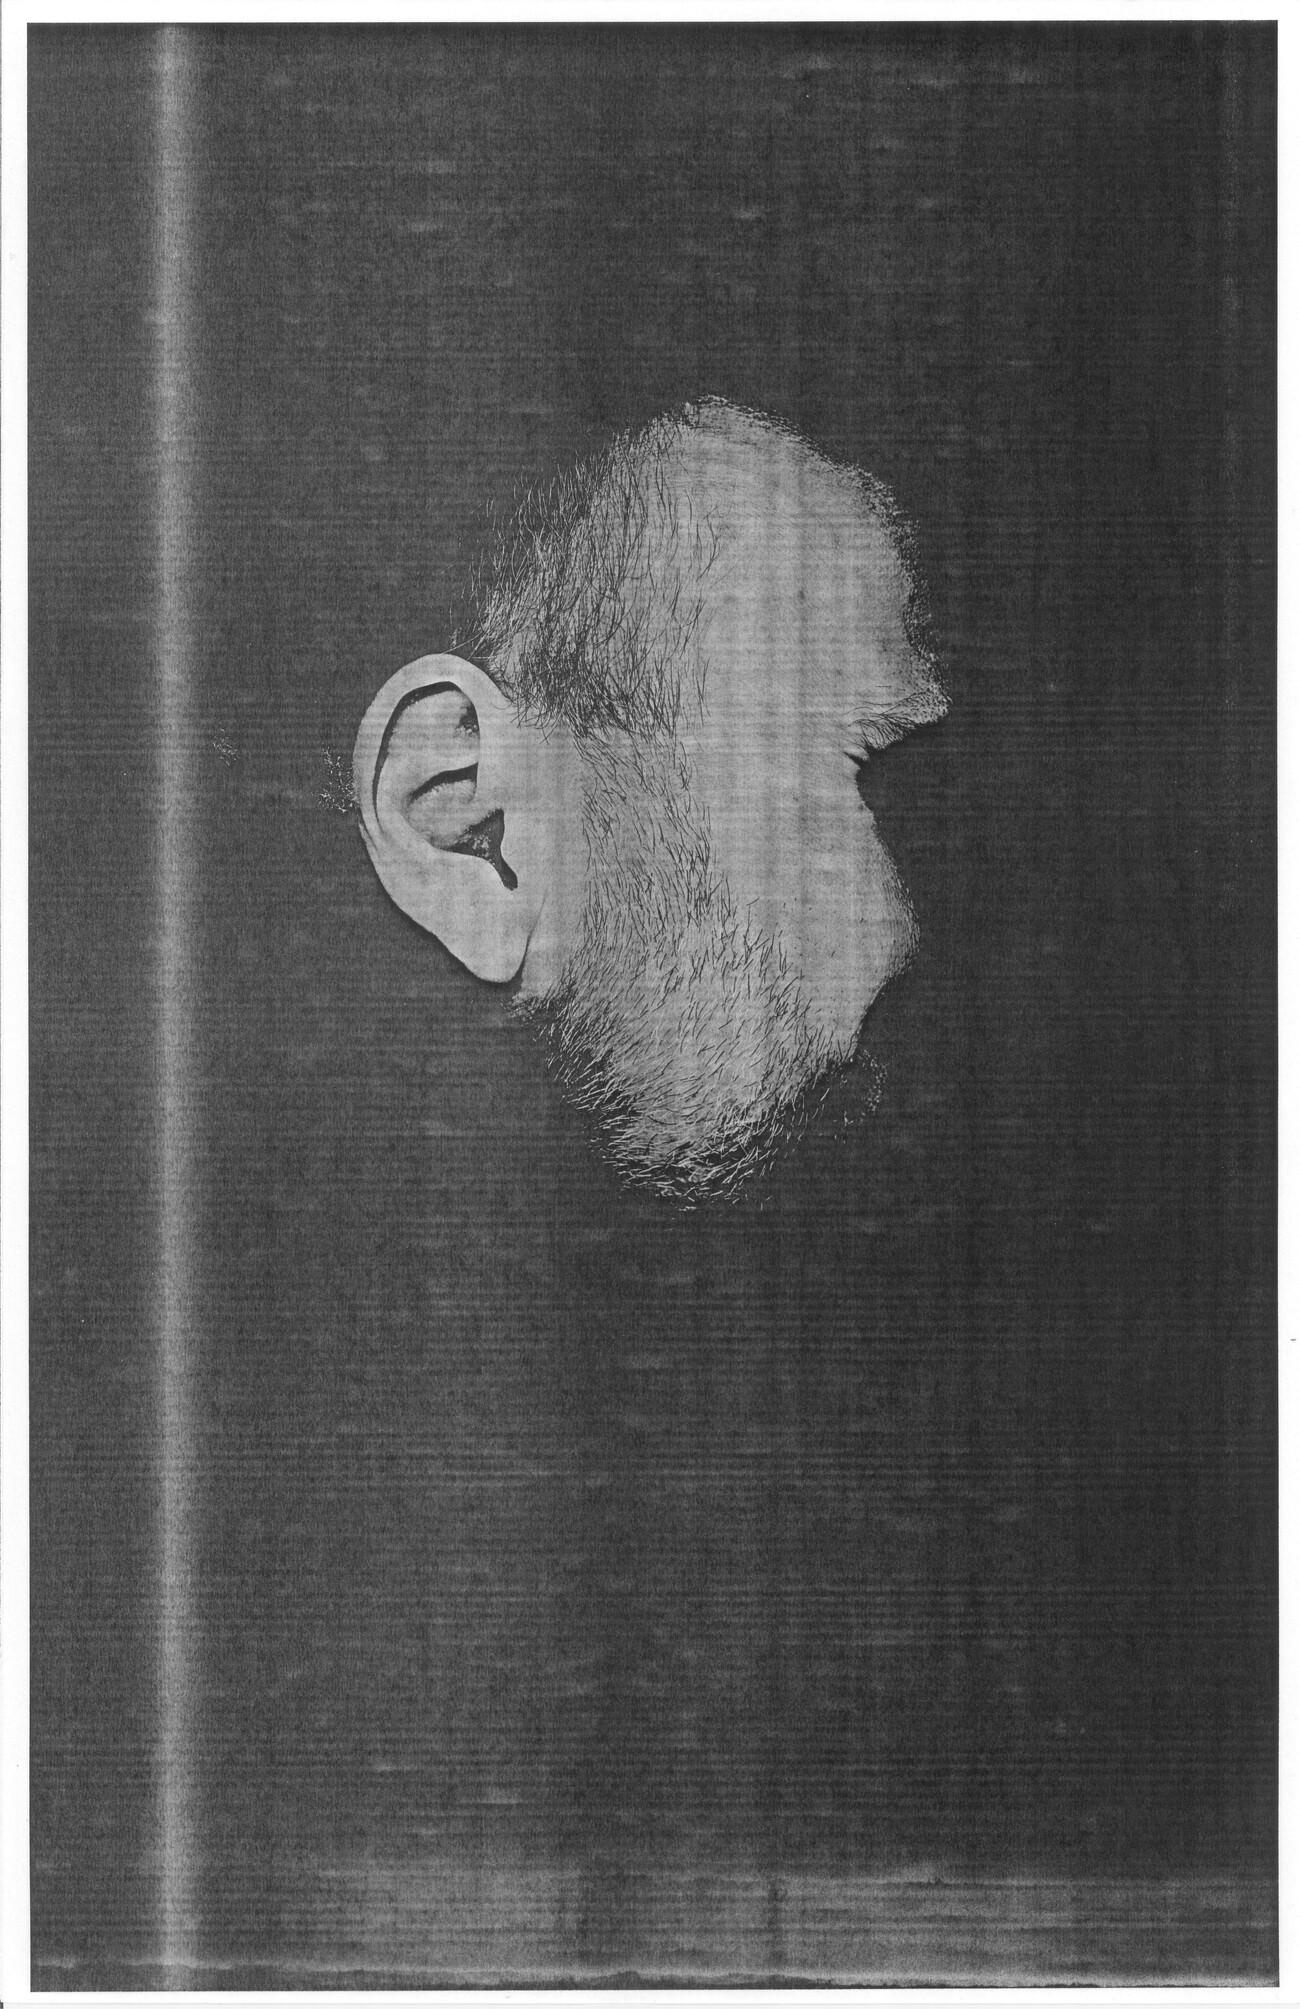 Steve Giasson. Performance invisible n° 180 (Faire impression (malgré soi)). Enactment de Goran Trbuljak. Untitled (Self Portrait) I. 1972. Performeur : Steve Giasson. Crédit photographique : Steve Giasson. Février 2020.